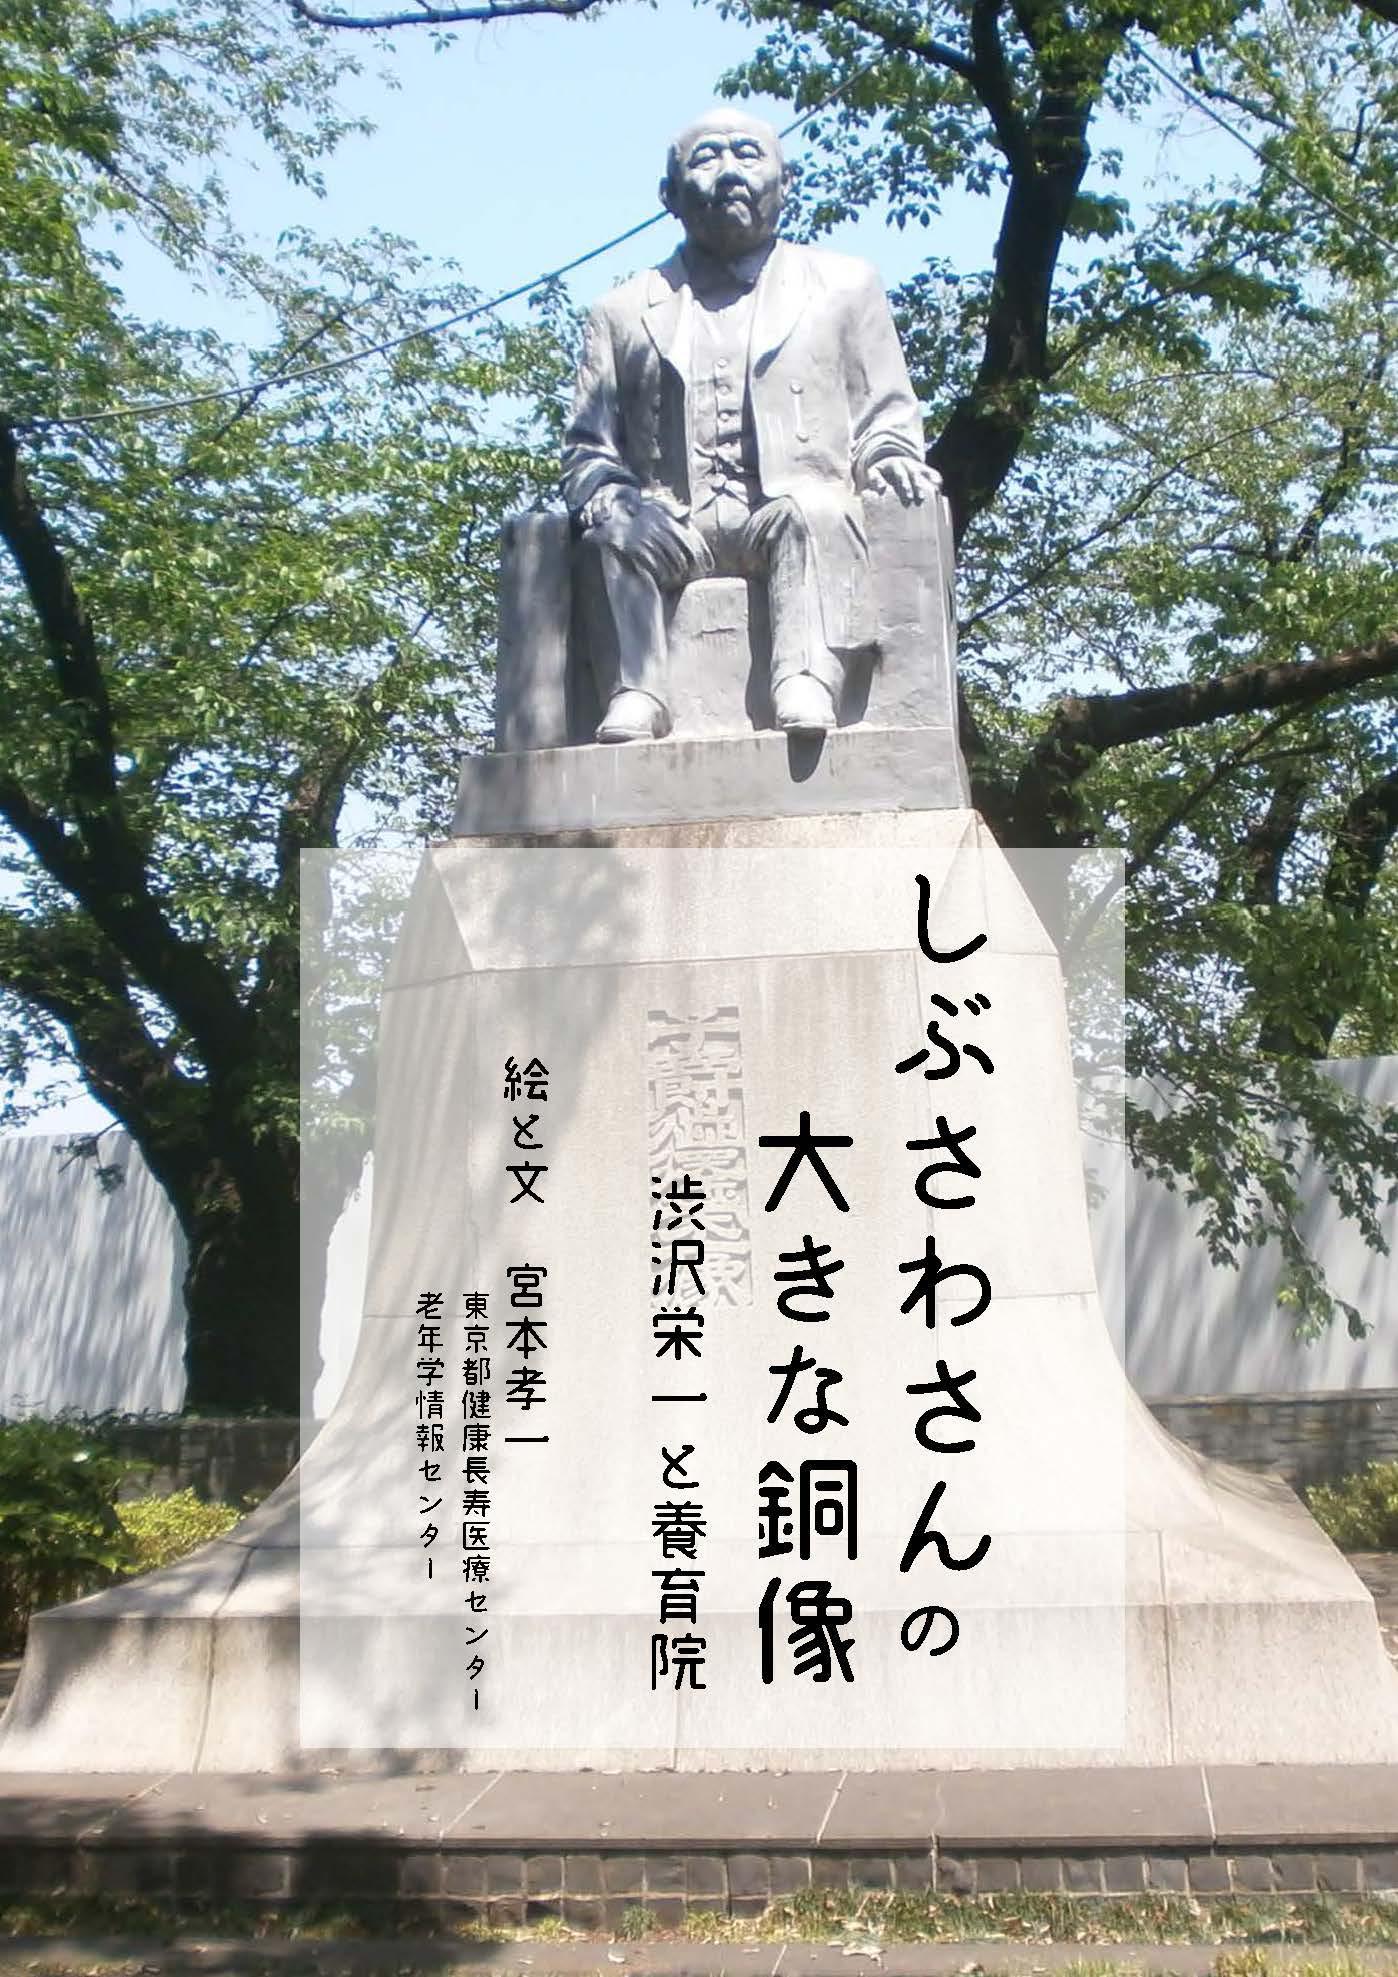 しぶさわさんの大きな銅像